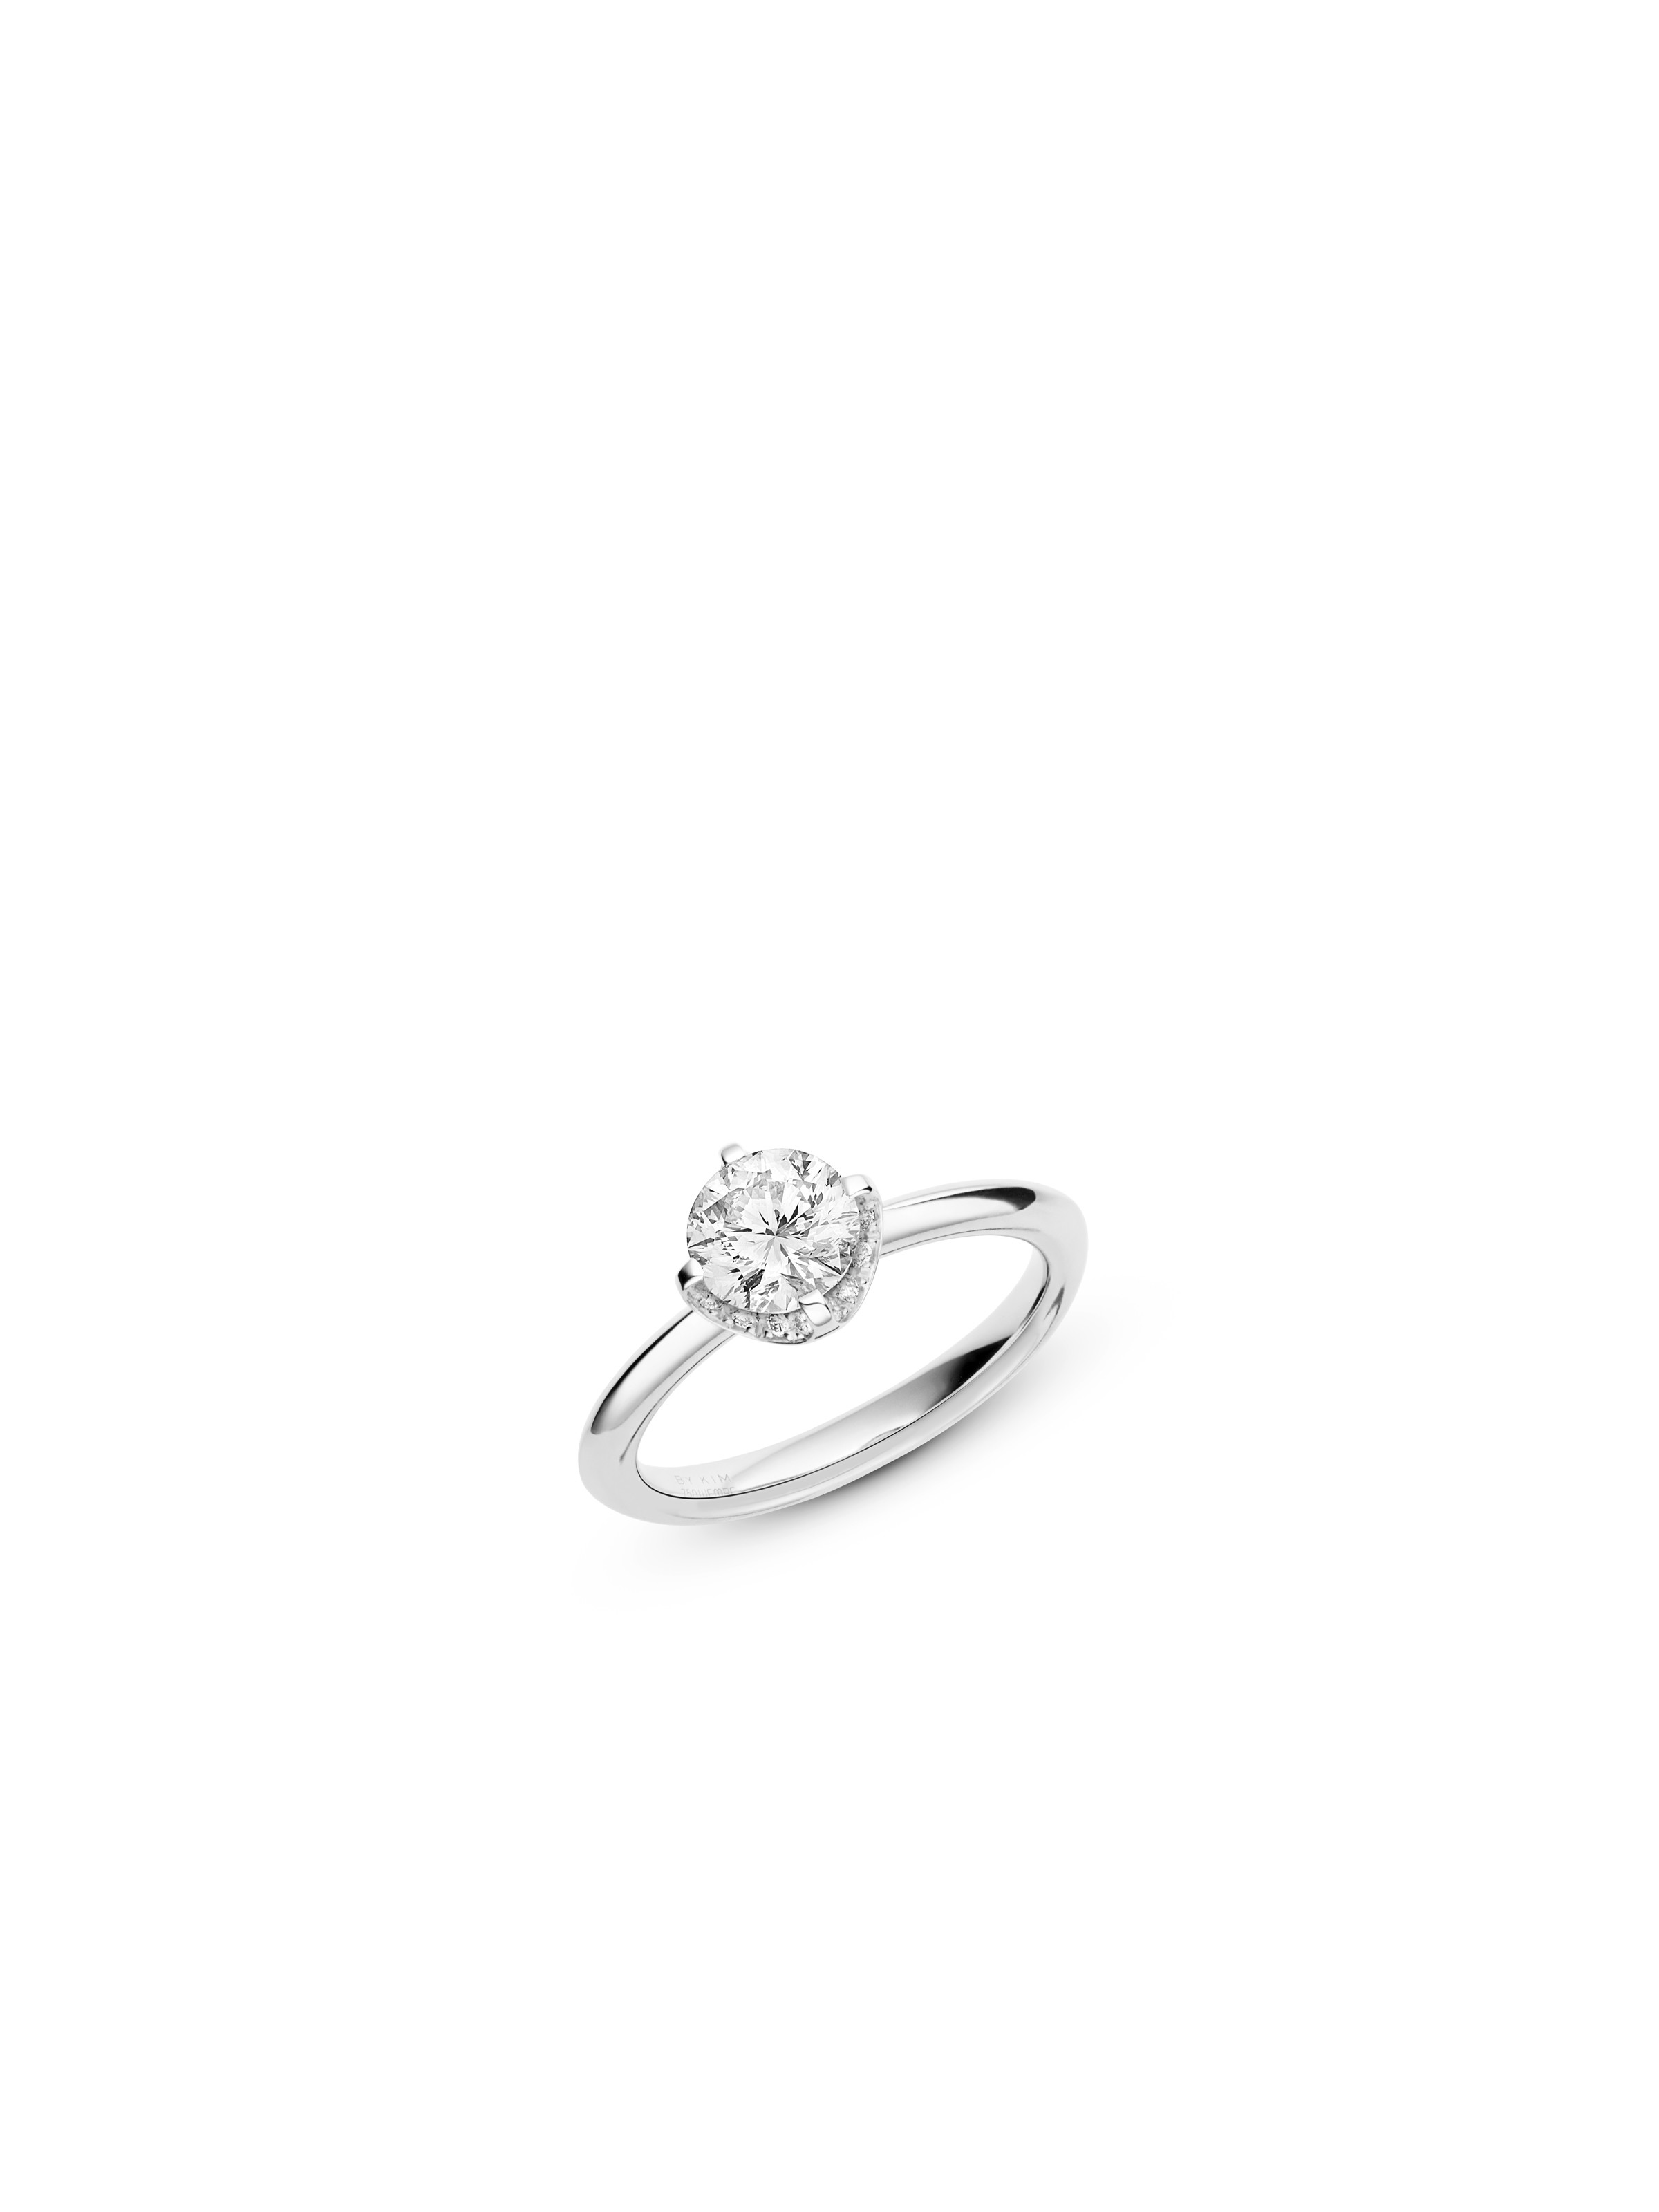 Splendora ring